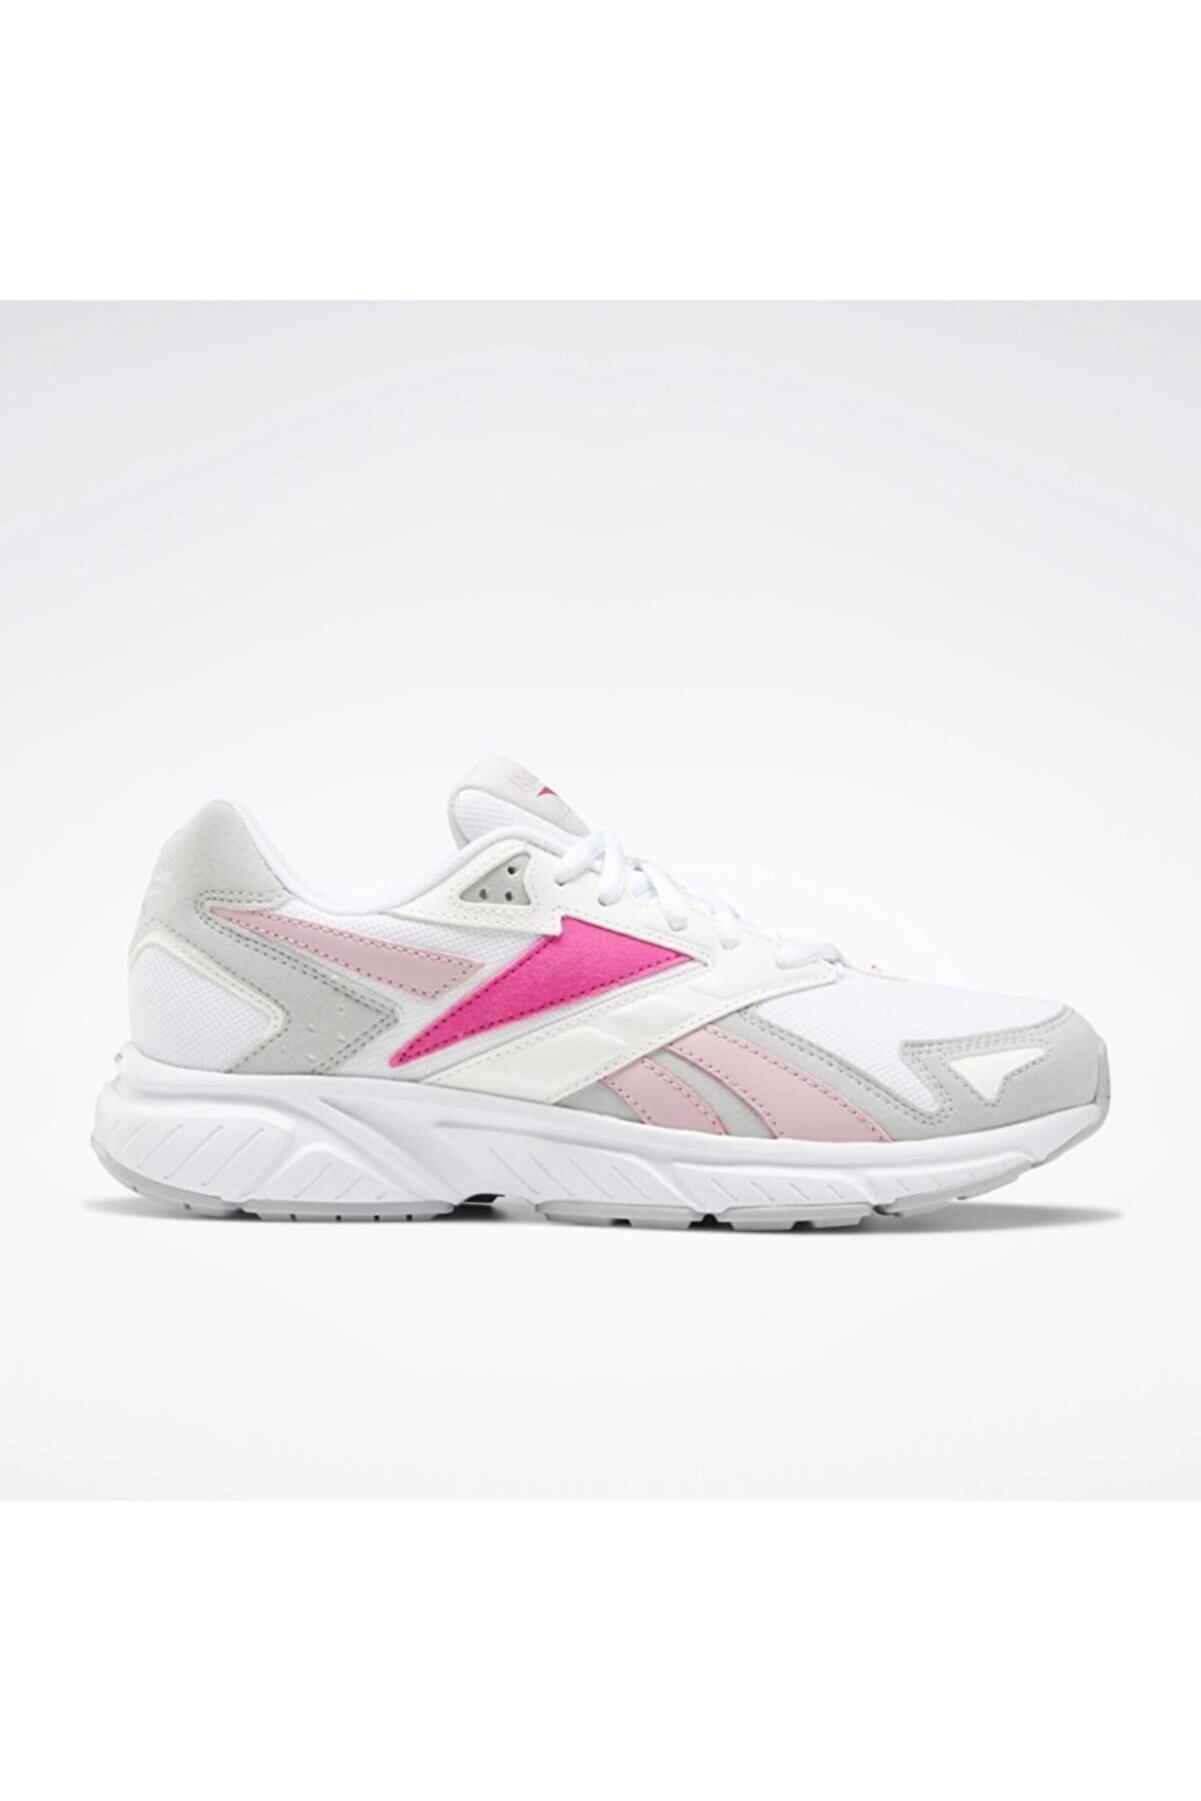 Reebok ROYAL HYPERIUM Gri Kadın Sneaker Ayakkabı 100664861